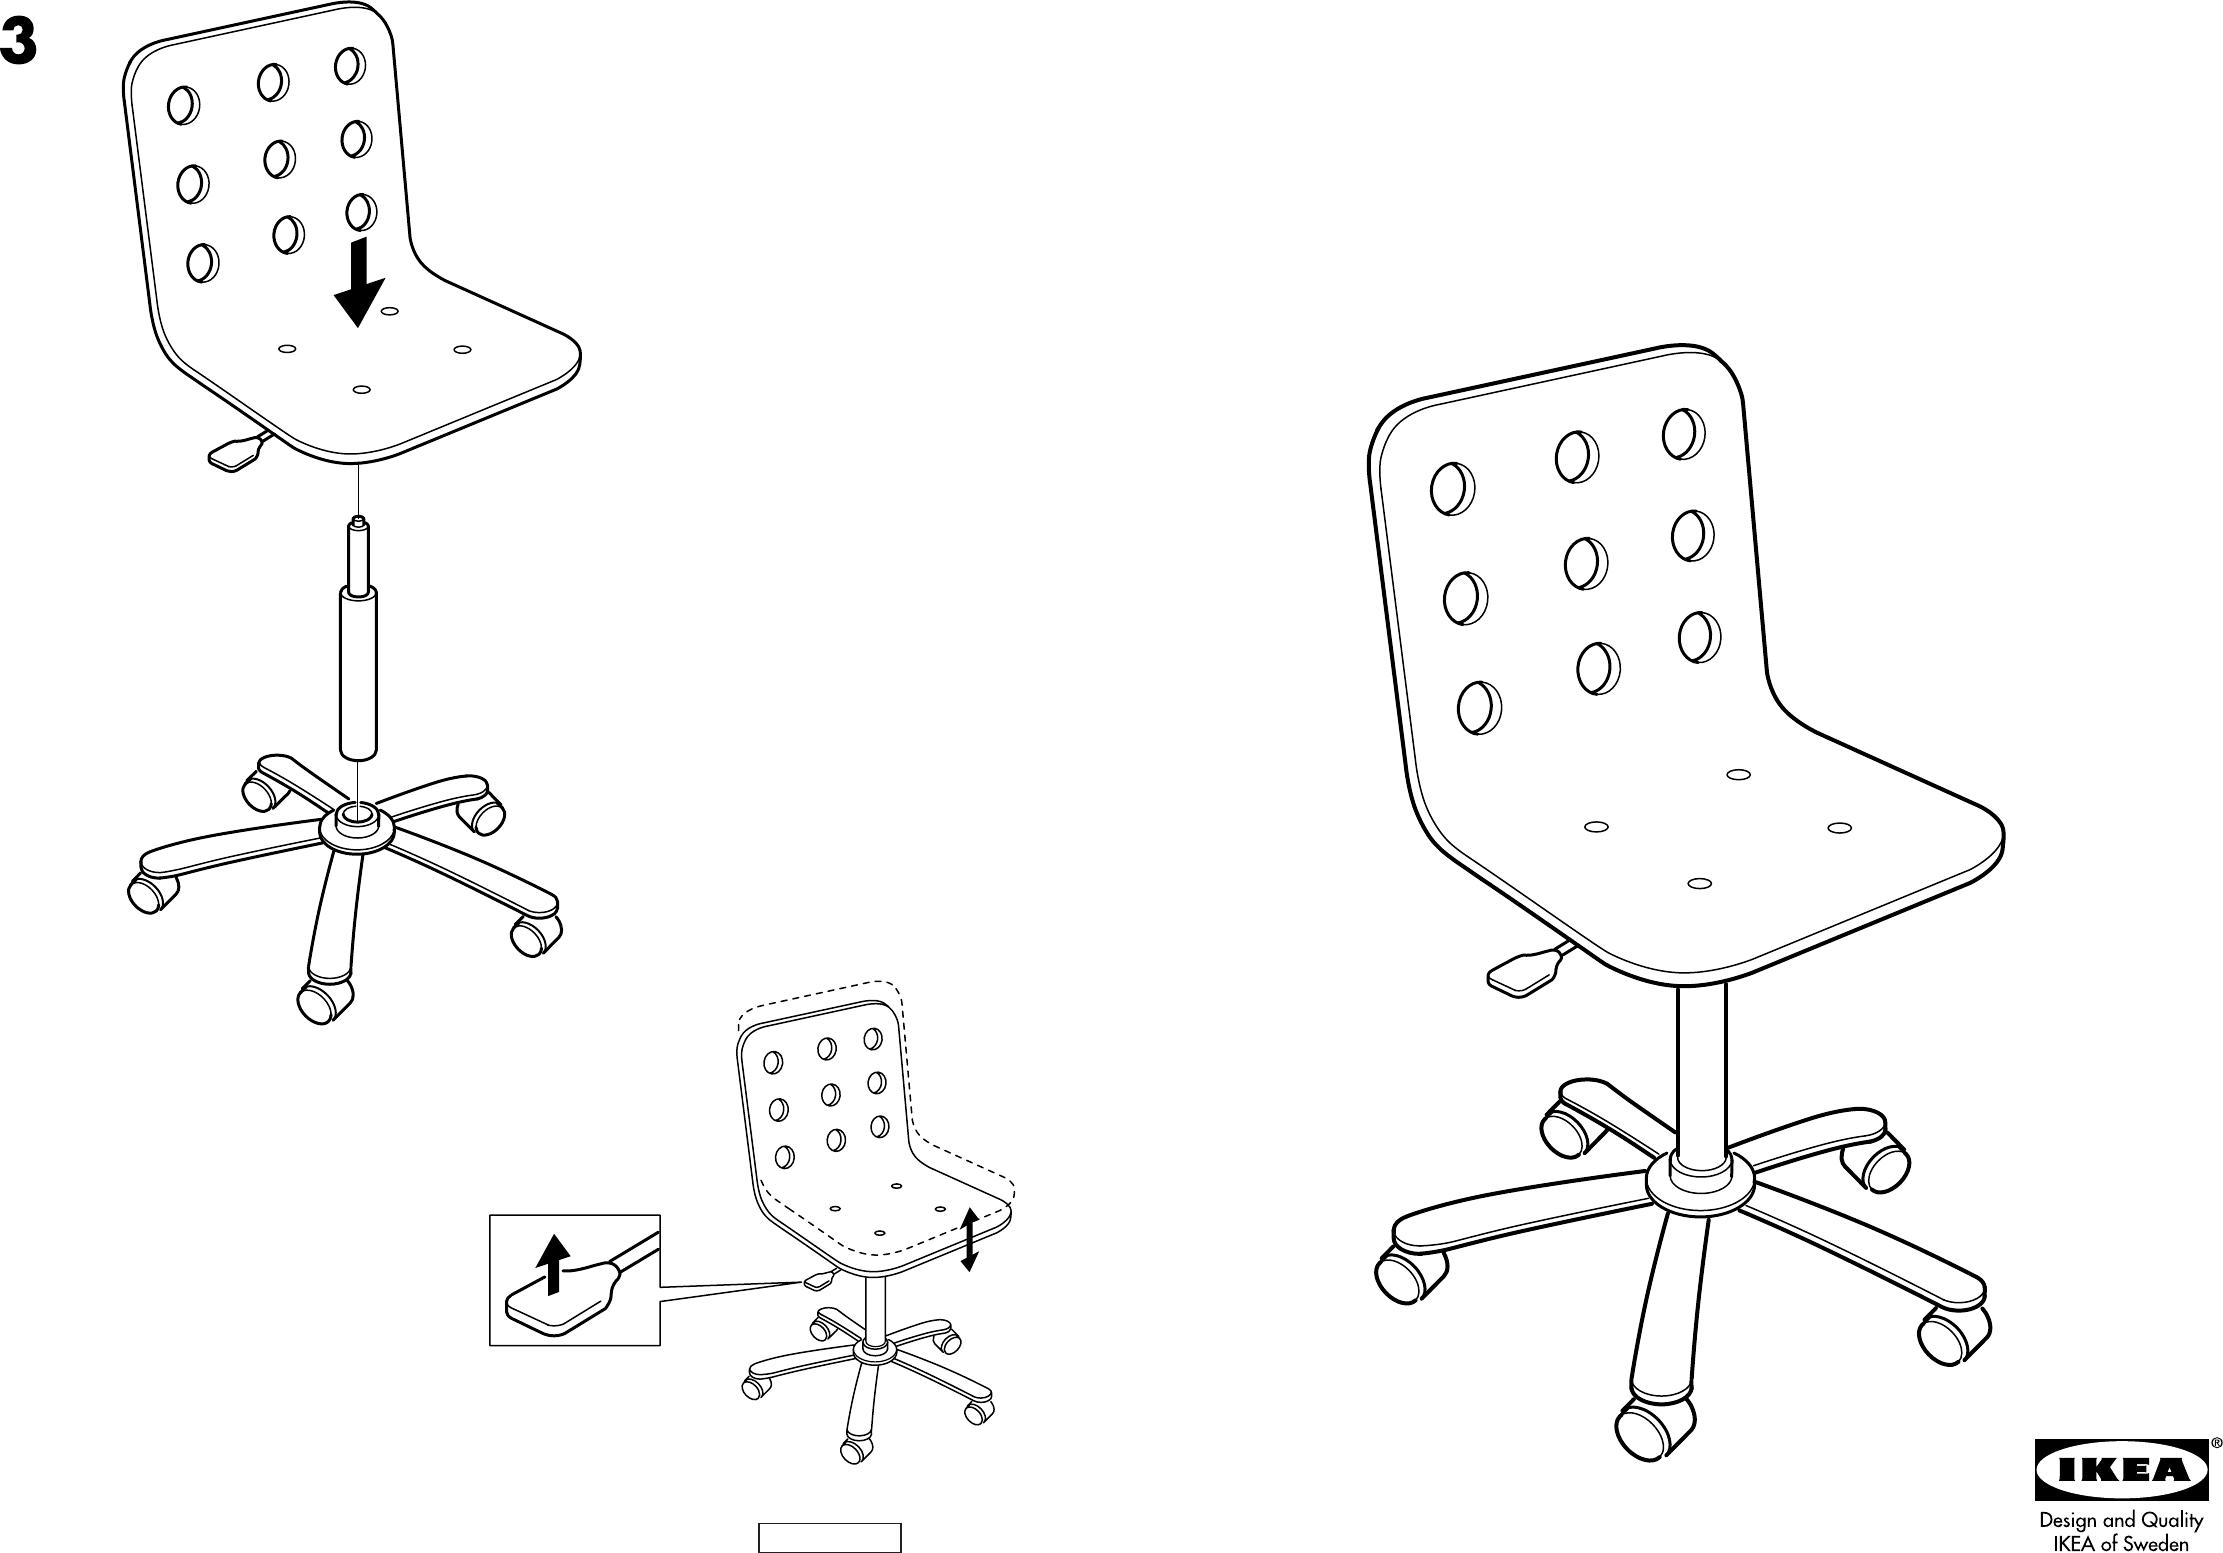 Handleiding Ikea Jules Bureaustoel Pagina 1 Van 2 Dansk Deutsch